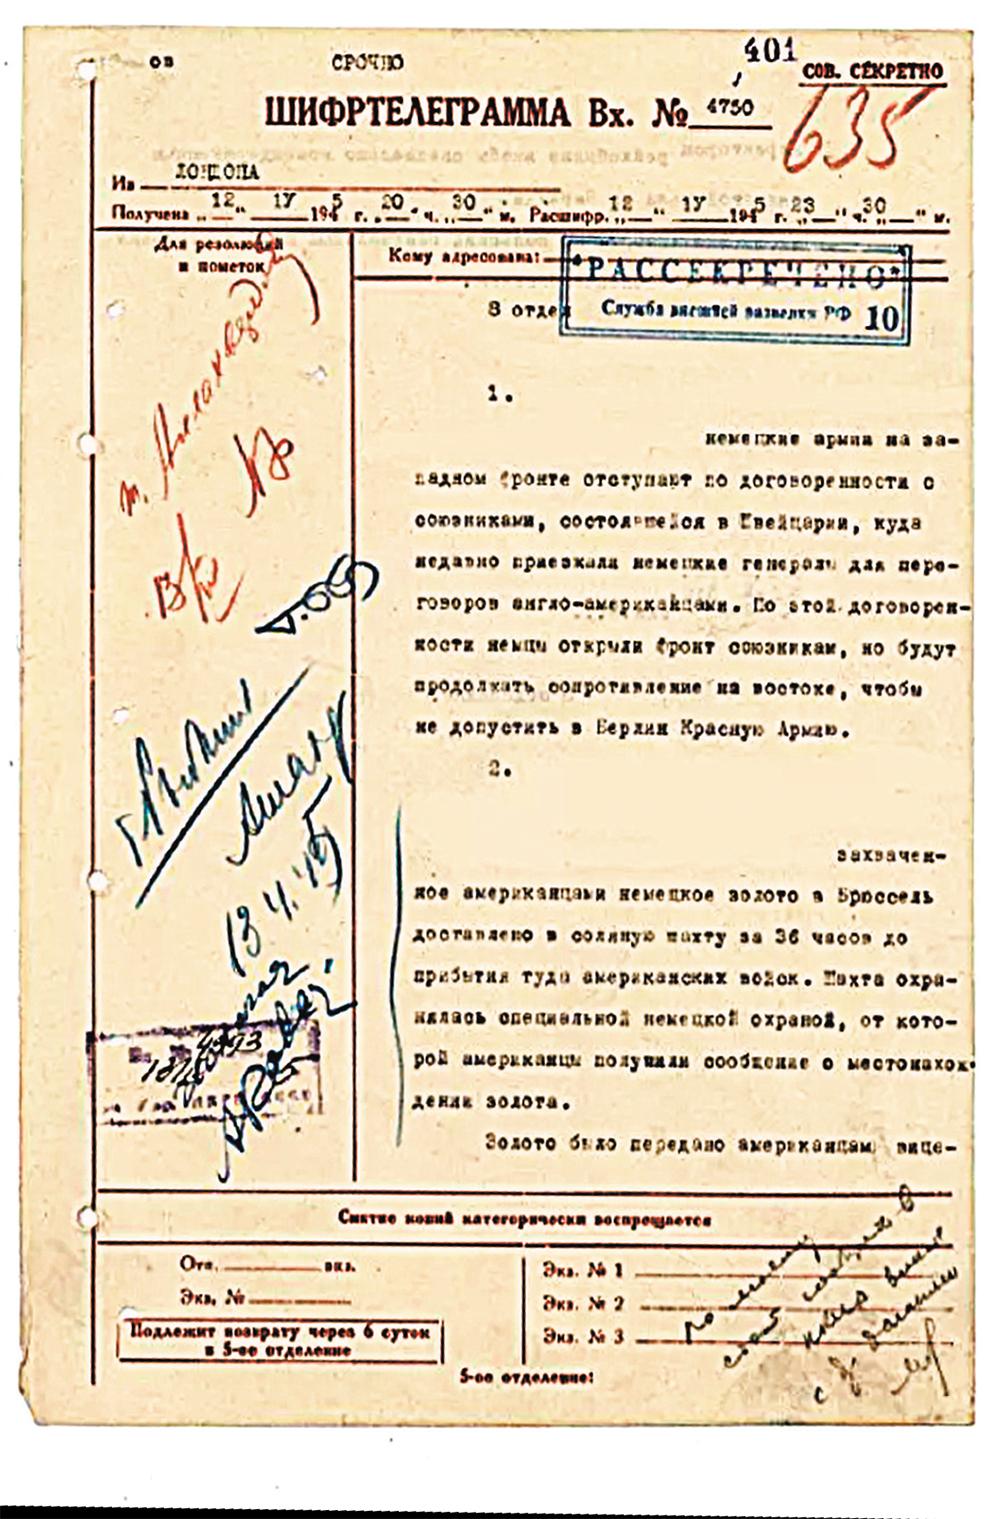 Шифротелеграмма от советской  резидентуры в Лондоне о золоте  и тайных договорённостях немцев  с англо-американцами.